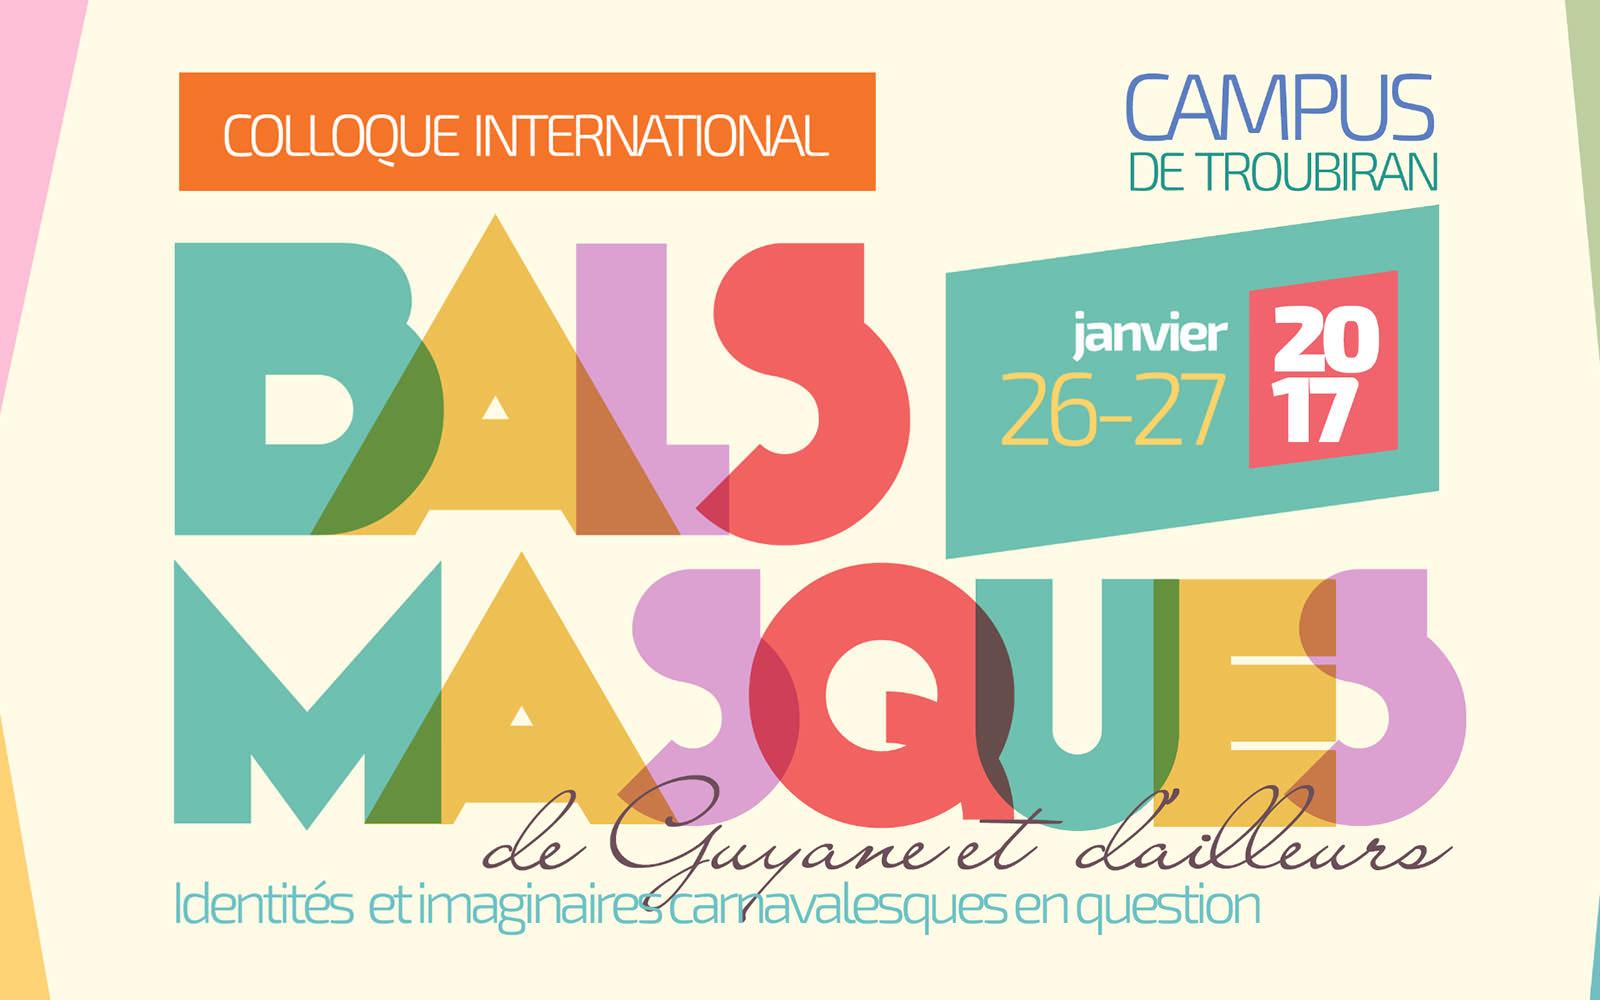 Colloque international: bals masqués de Guyane et d'ailleurs